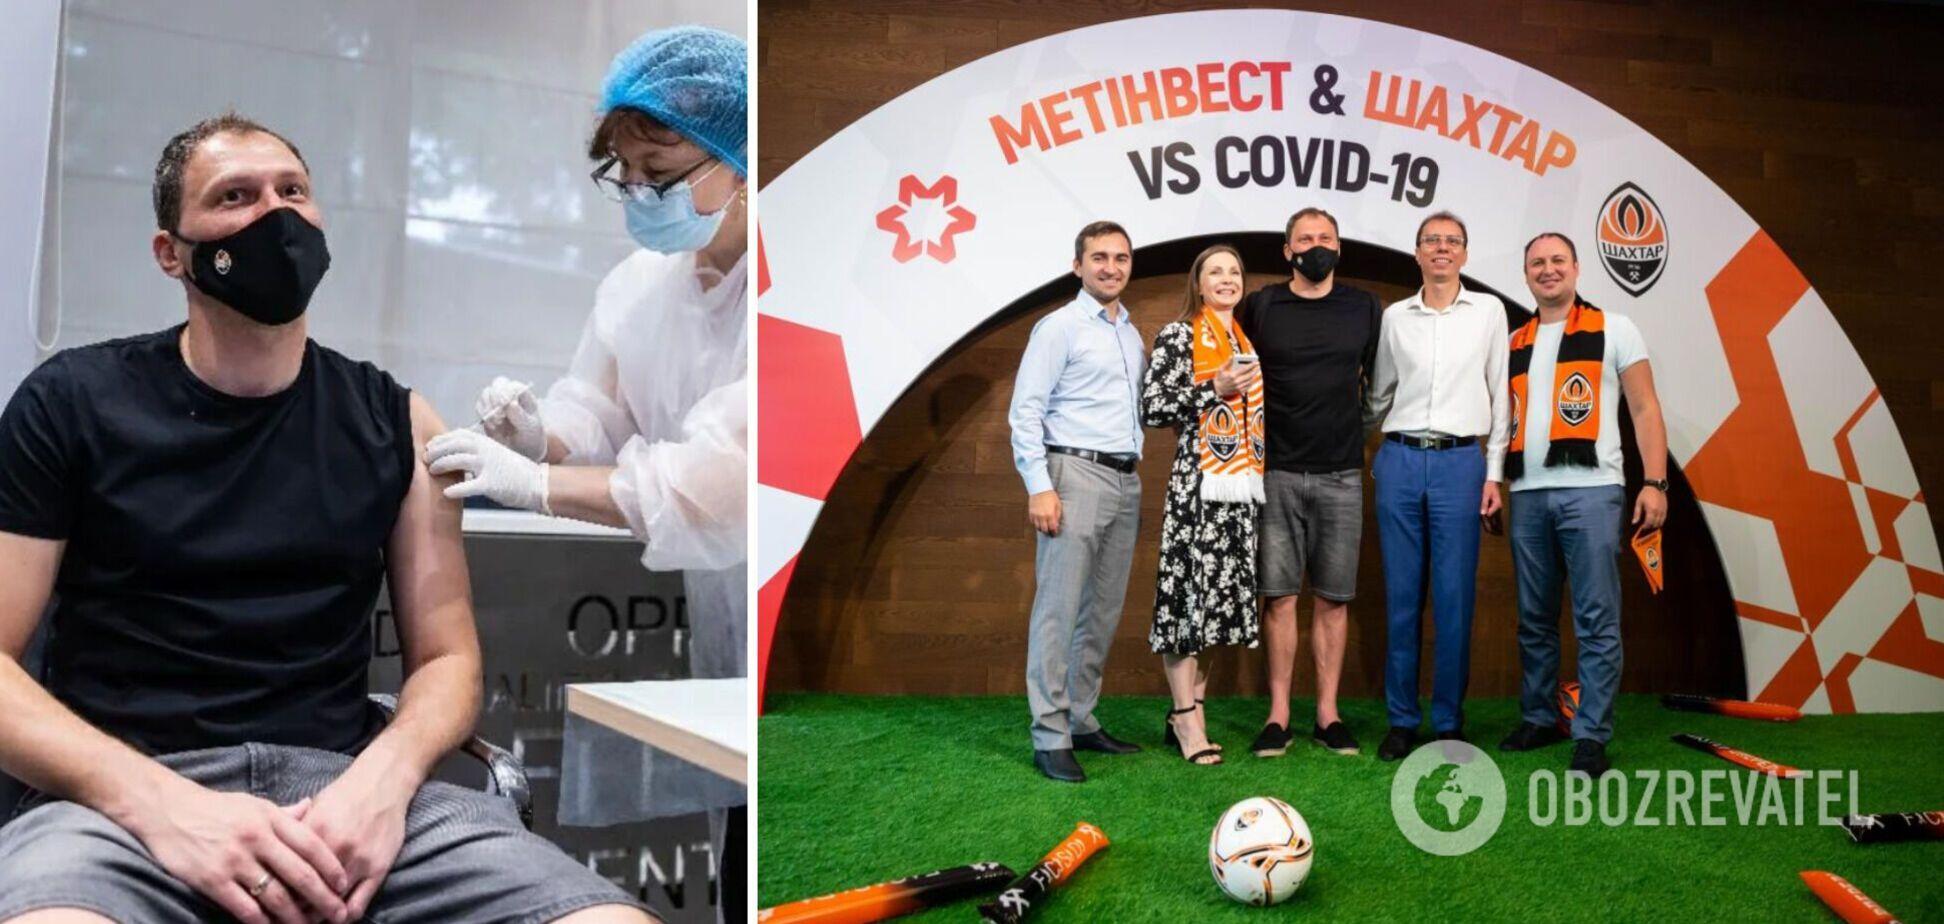 Футболисты 'Шахтера' в полном составе получили прививки от COVID-19: в этом помог 'Метинвест'